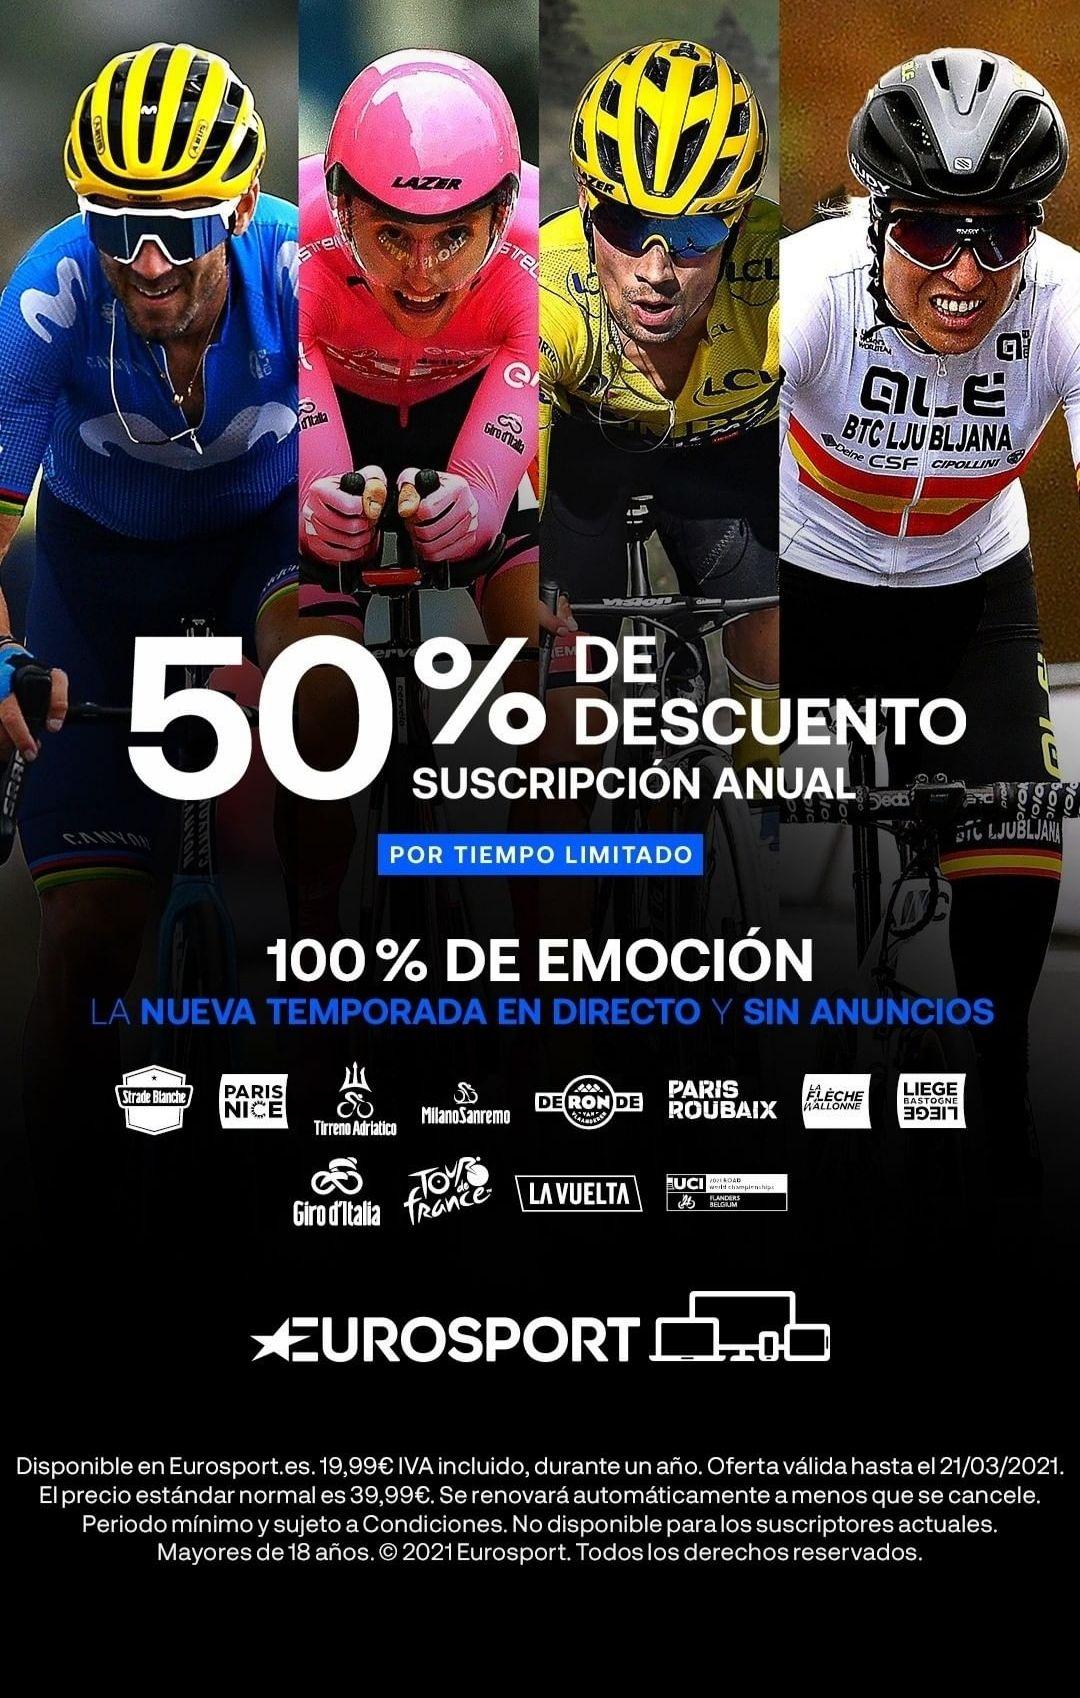 Suscripción Anual Eurosport -50%